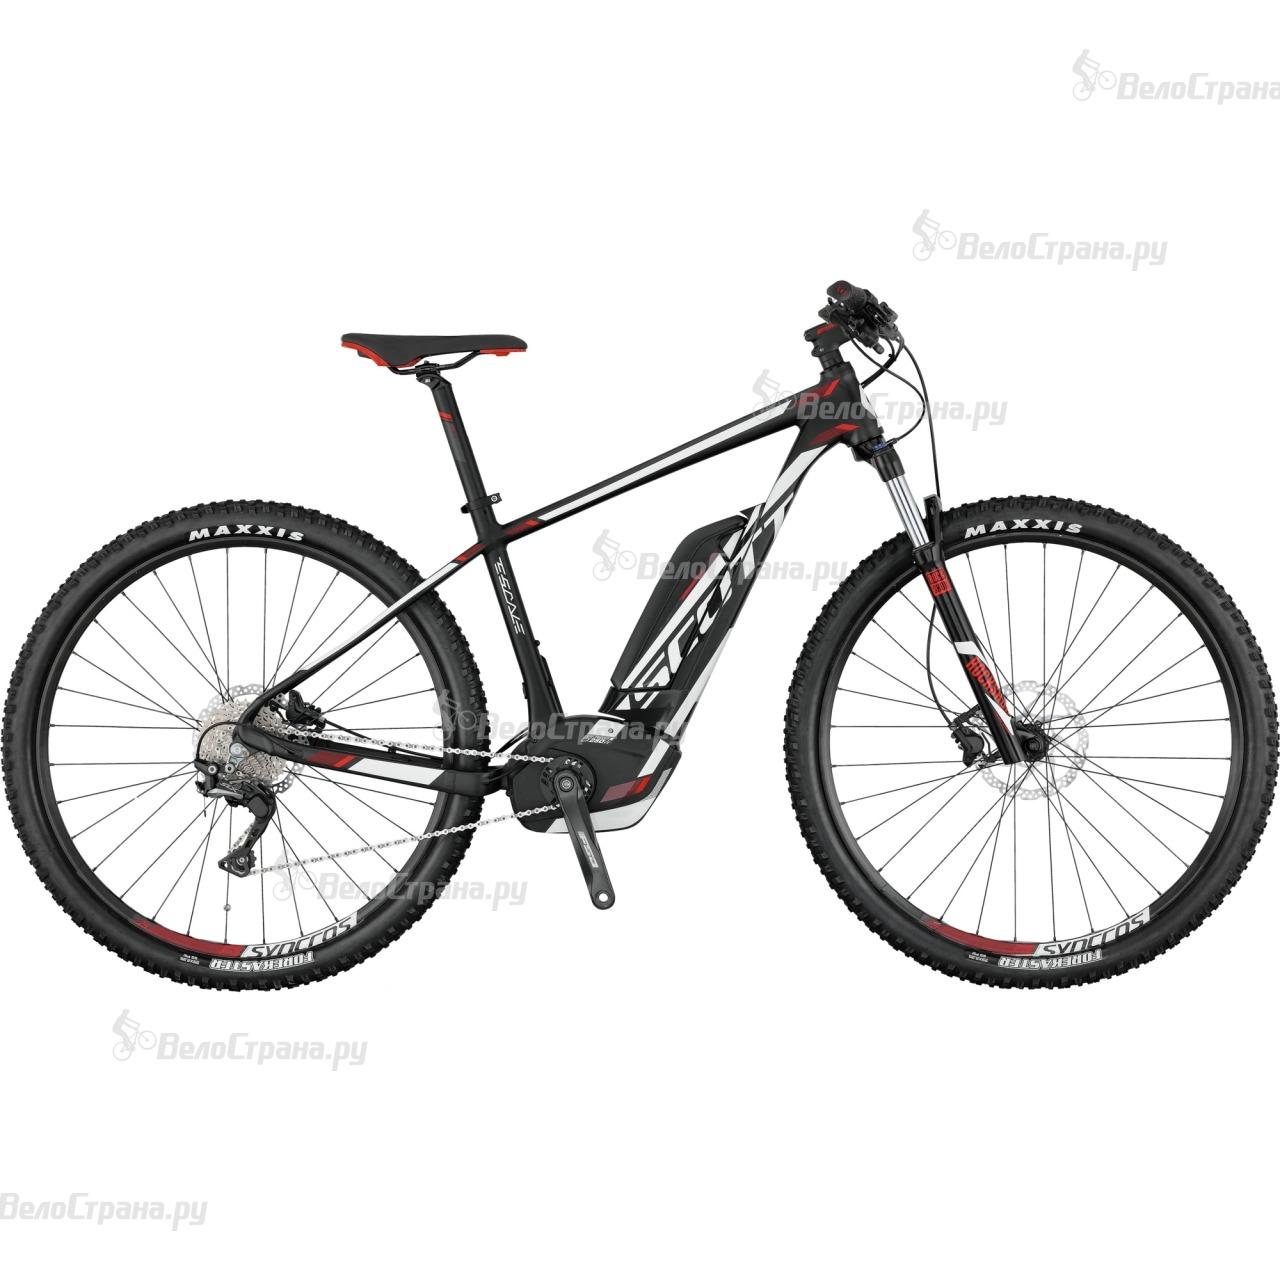 Велосипед Scott E-Scale 930 (2017) велосипед scott scale 700 premium 2015